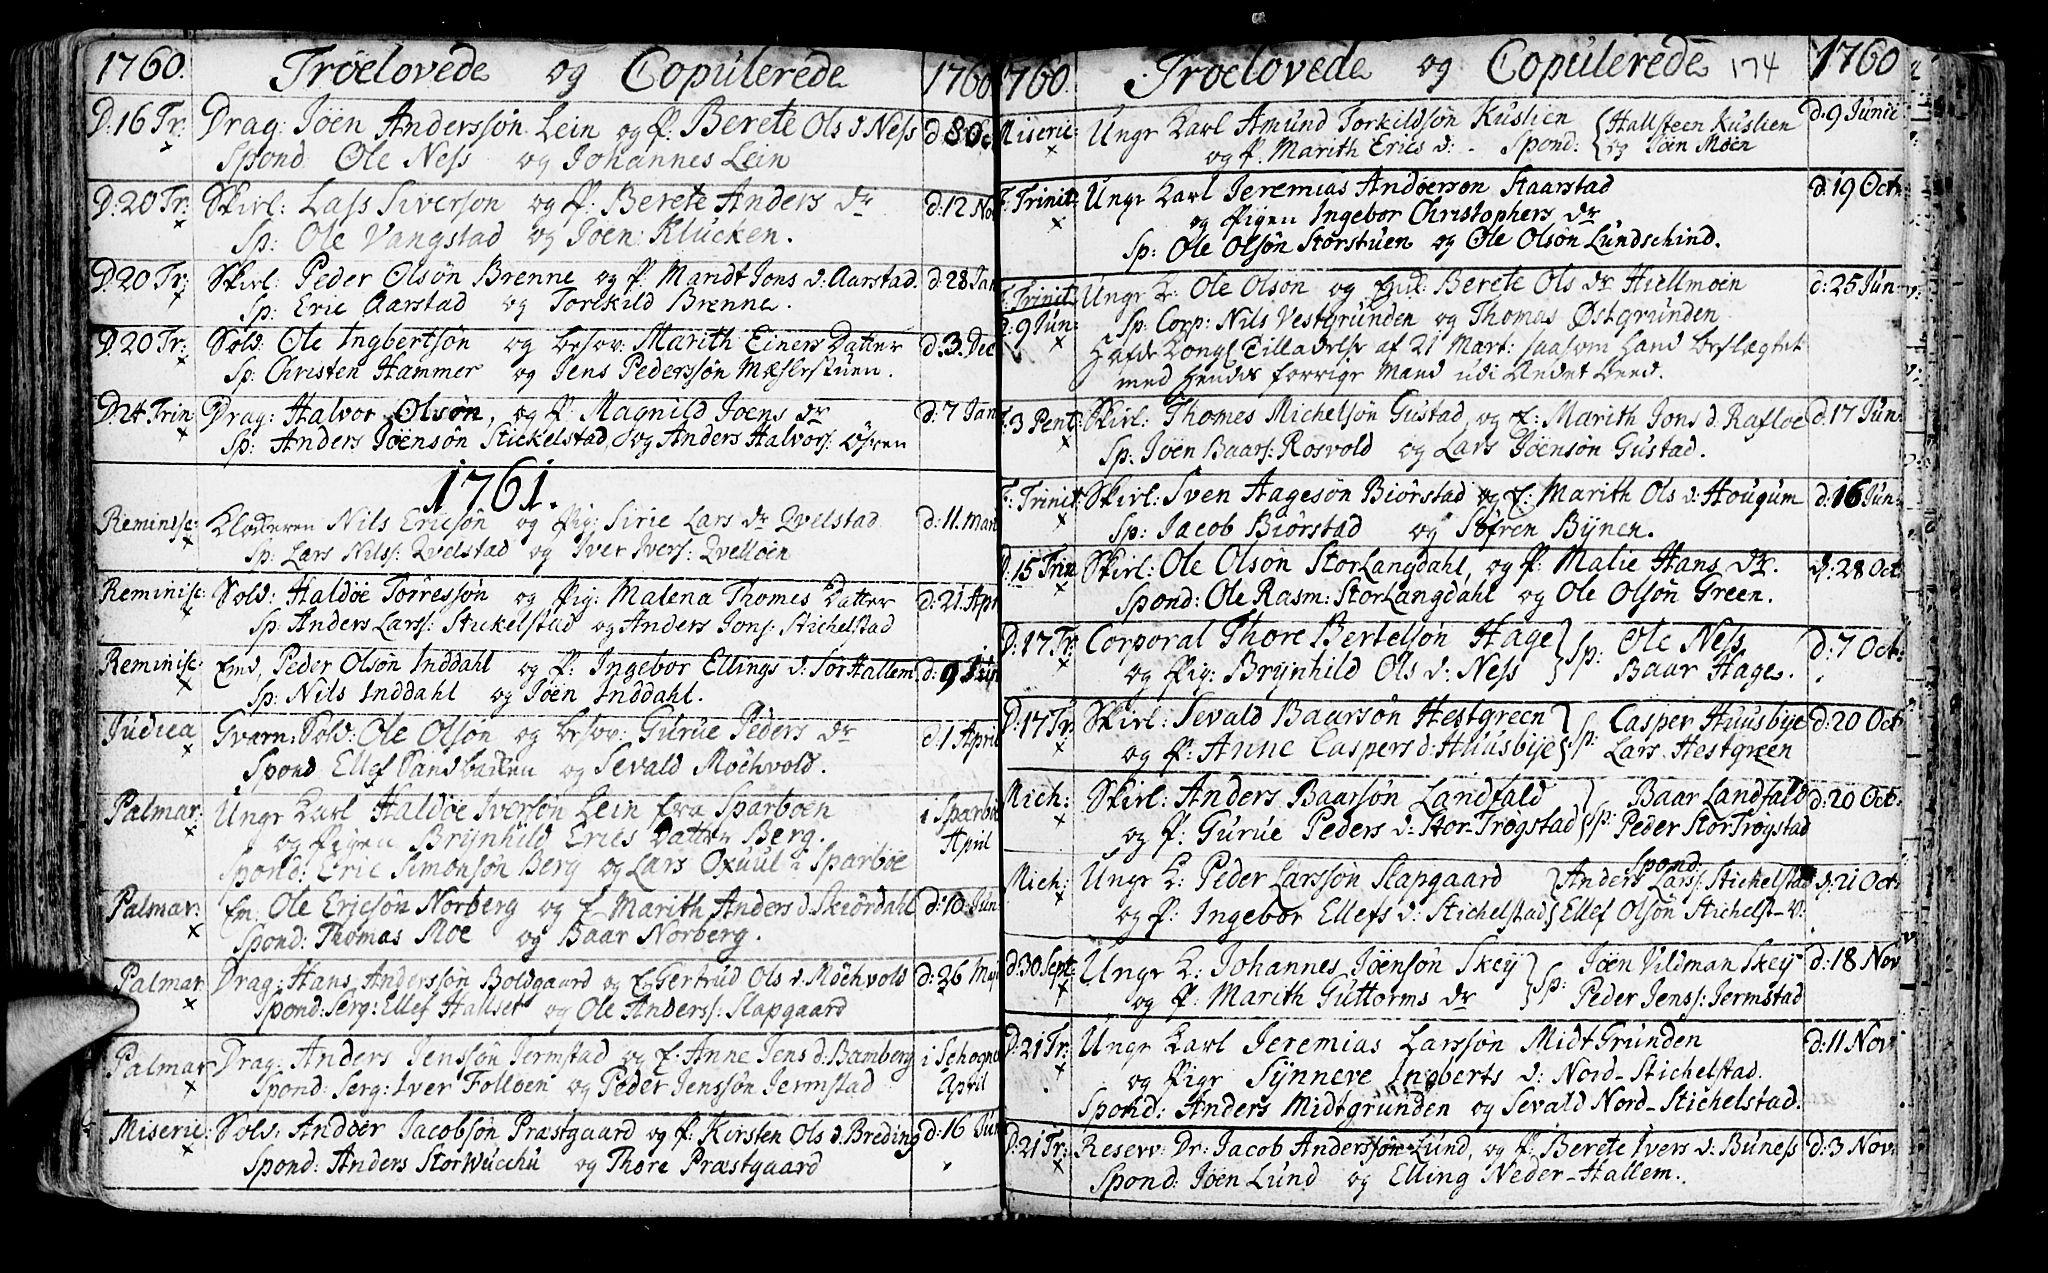 SAT, Ministerialprotokoller, klokkerbøker og fødselsregistre - Nord-Trøndelag, 723/L0231: Ministerialbok nr. 723A02, 1748-1780, s. 174